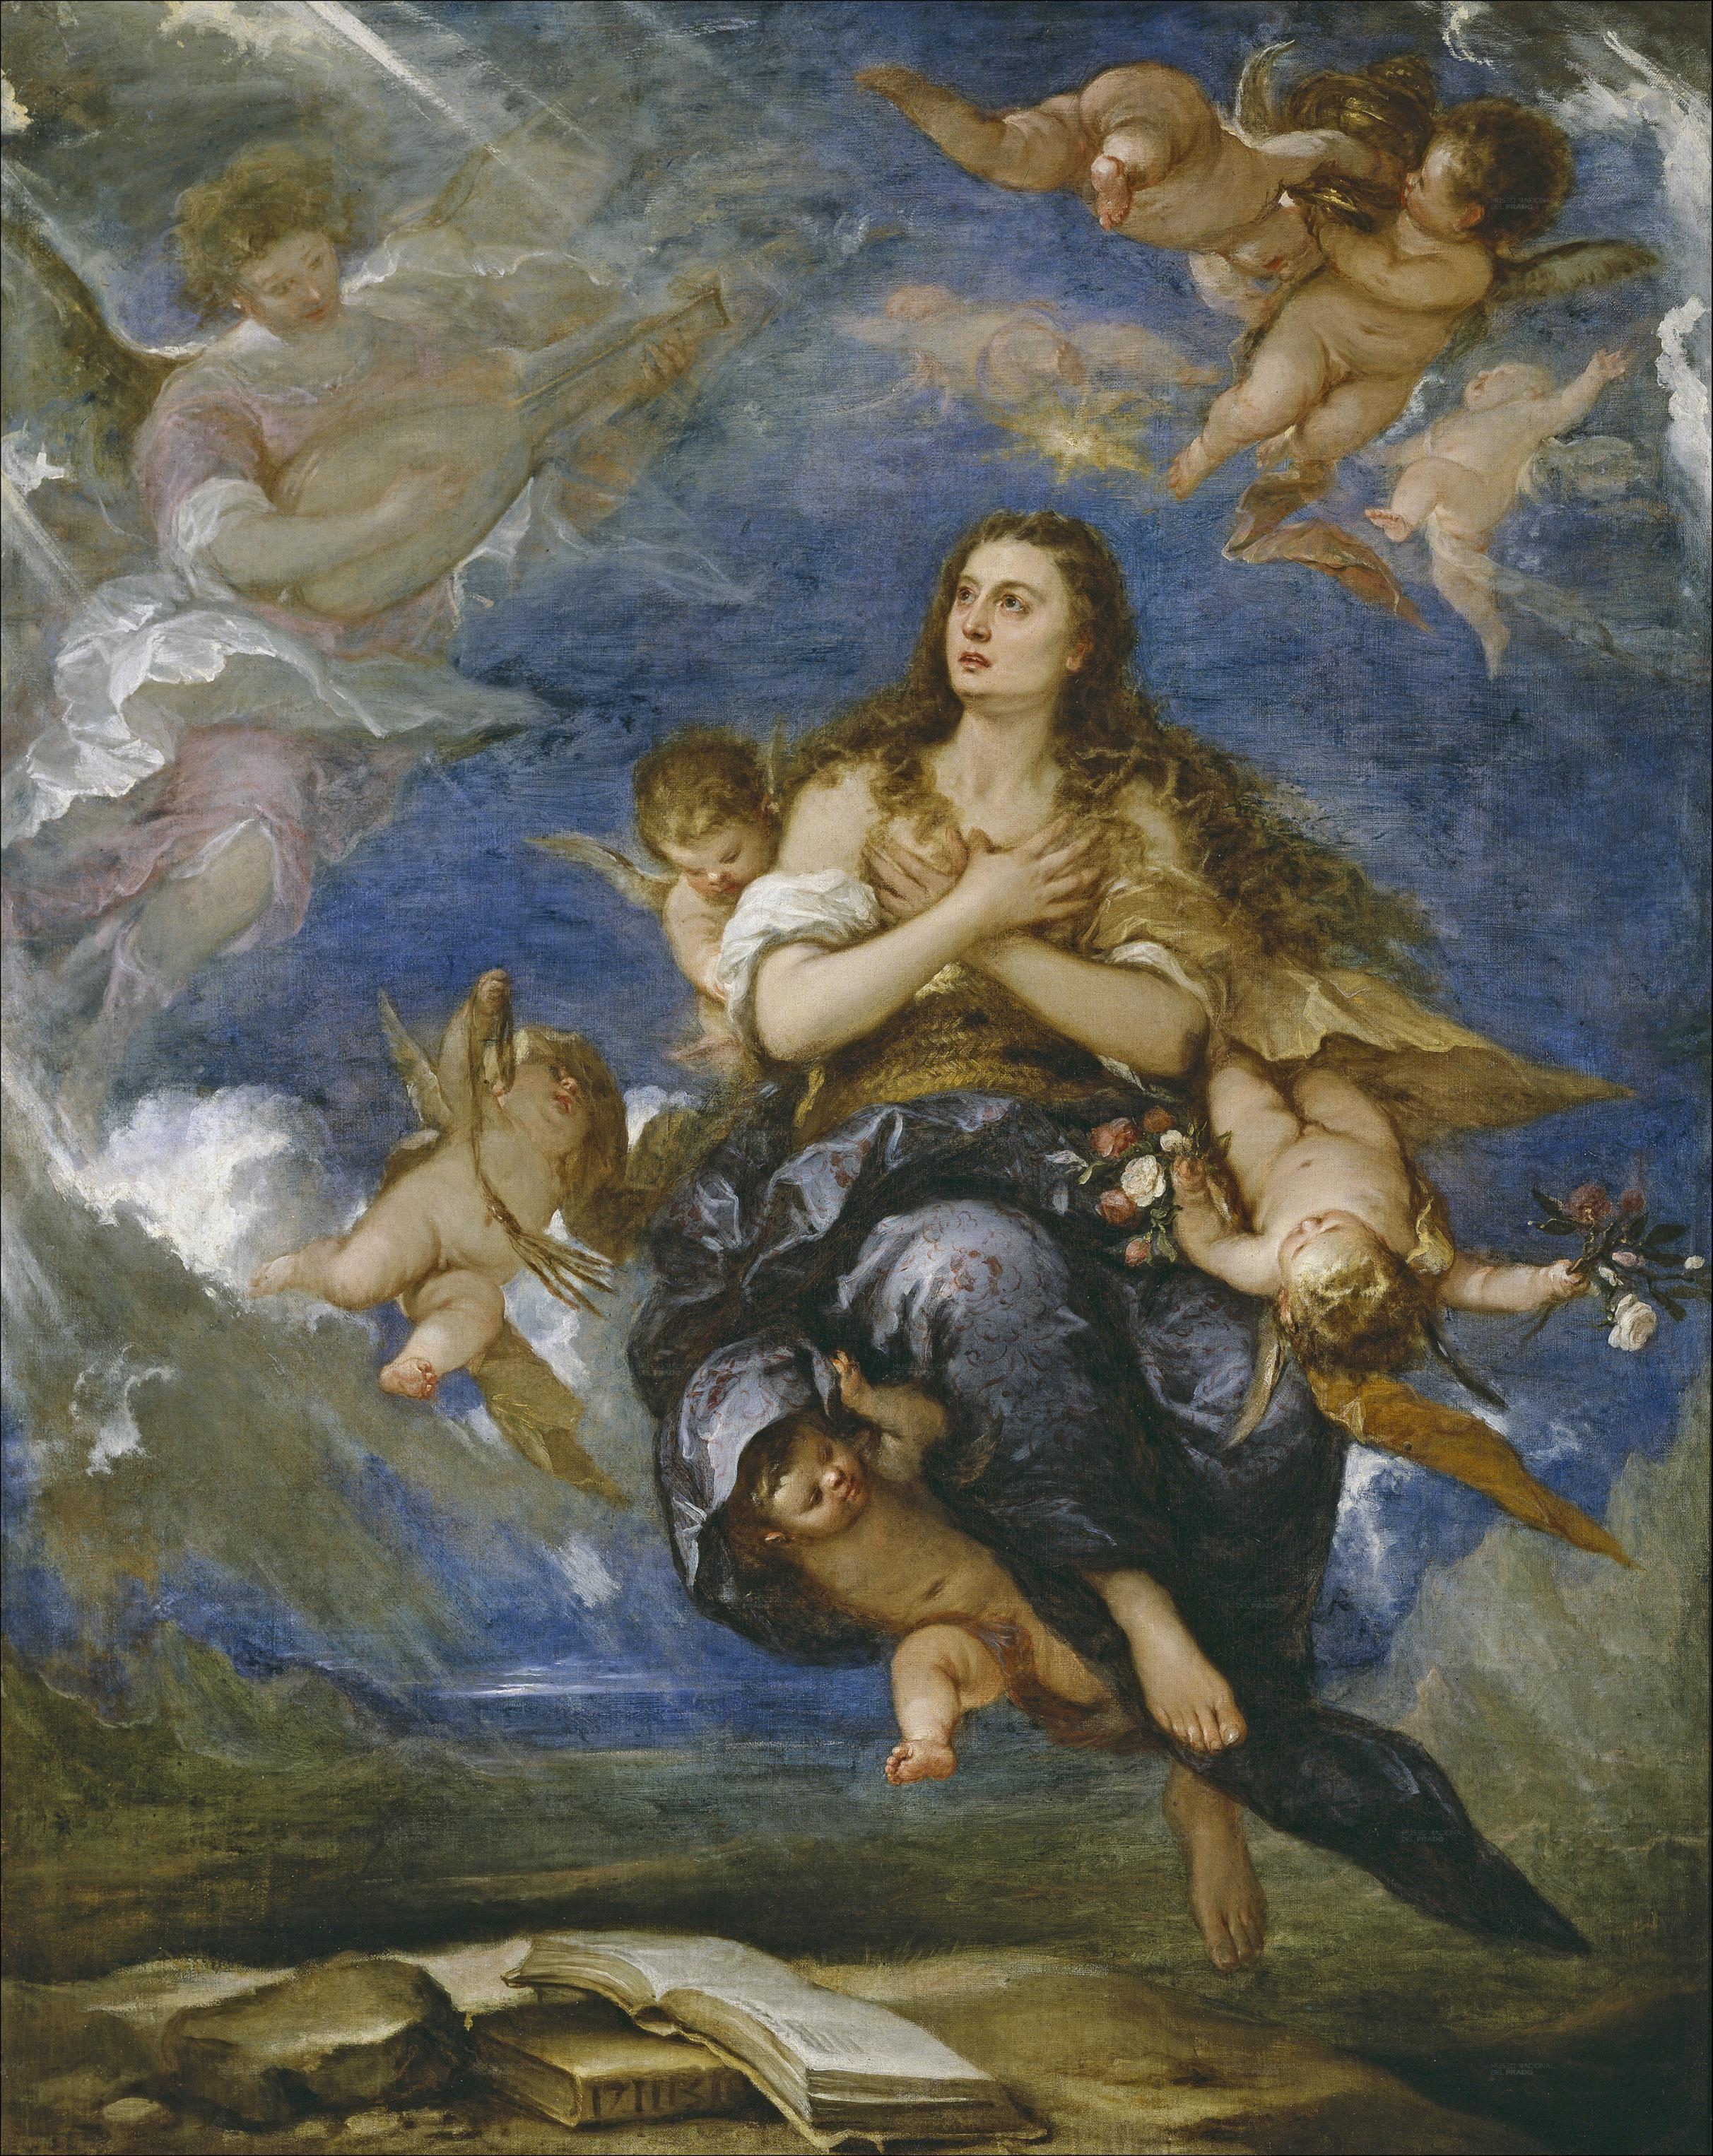 José Antolínez, el pintor barroco más original y pendenciero